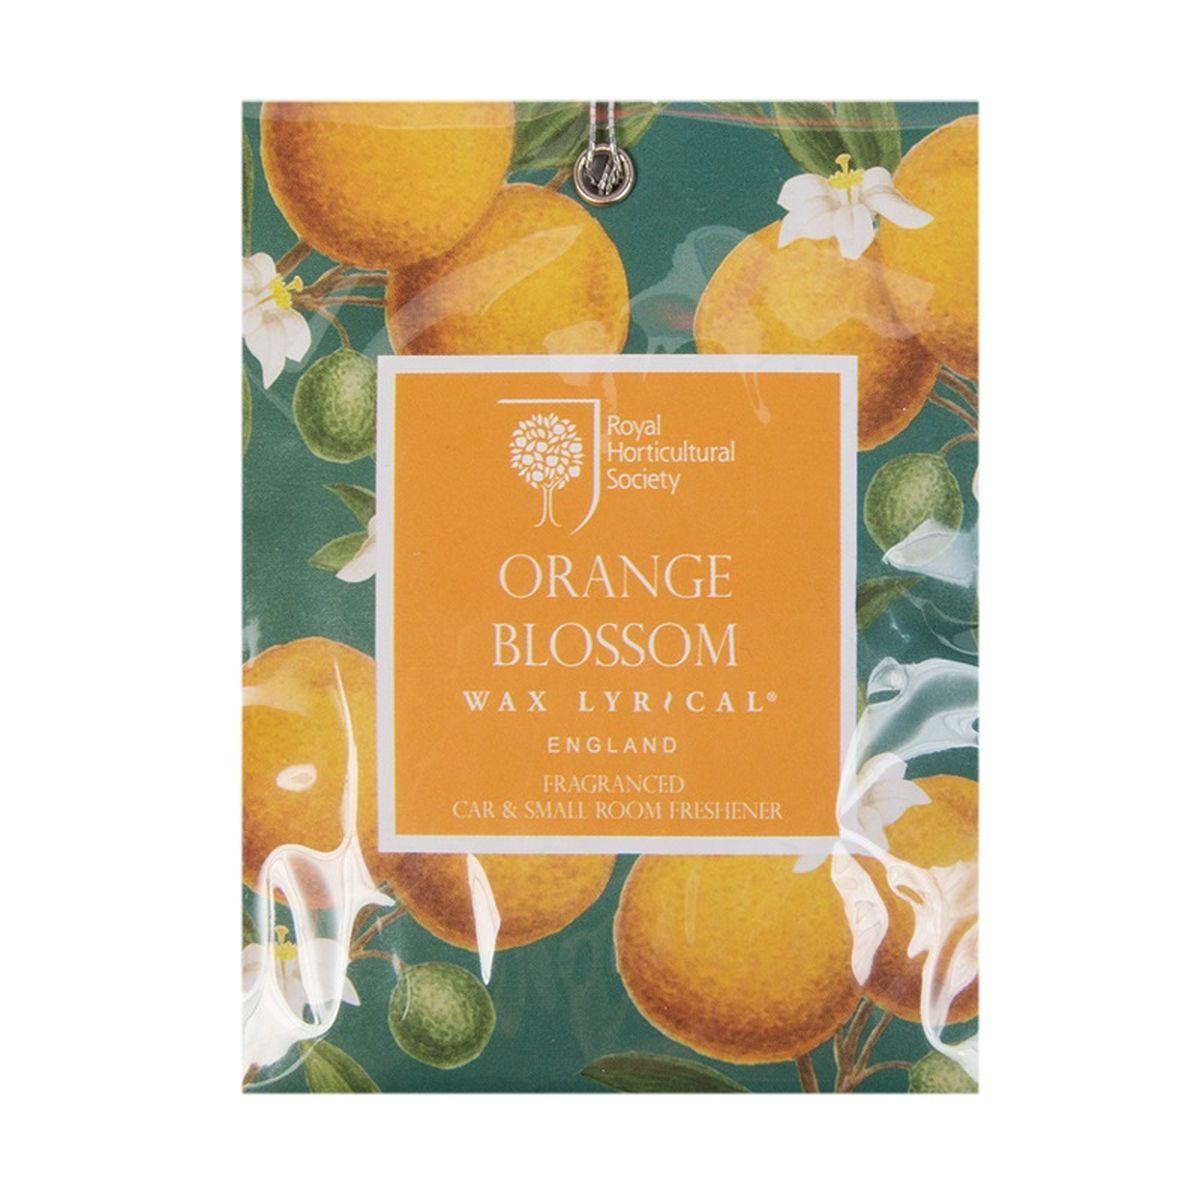 Мини-саше ароматическое Wax Lyrical Цветок апельсина, 20 гRH5845Мини-саше ароматическое Wax Lyrical Цветок апельсина имеет красивый весенний аромат цветущего апельсинового дерева и гардении со свежим воздушным зелёным оттенком верхних нот, подчеркнутый тёплой основой из амбры и мускуса.